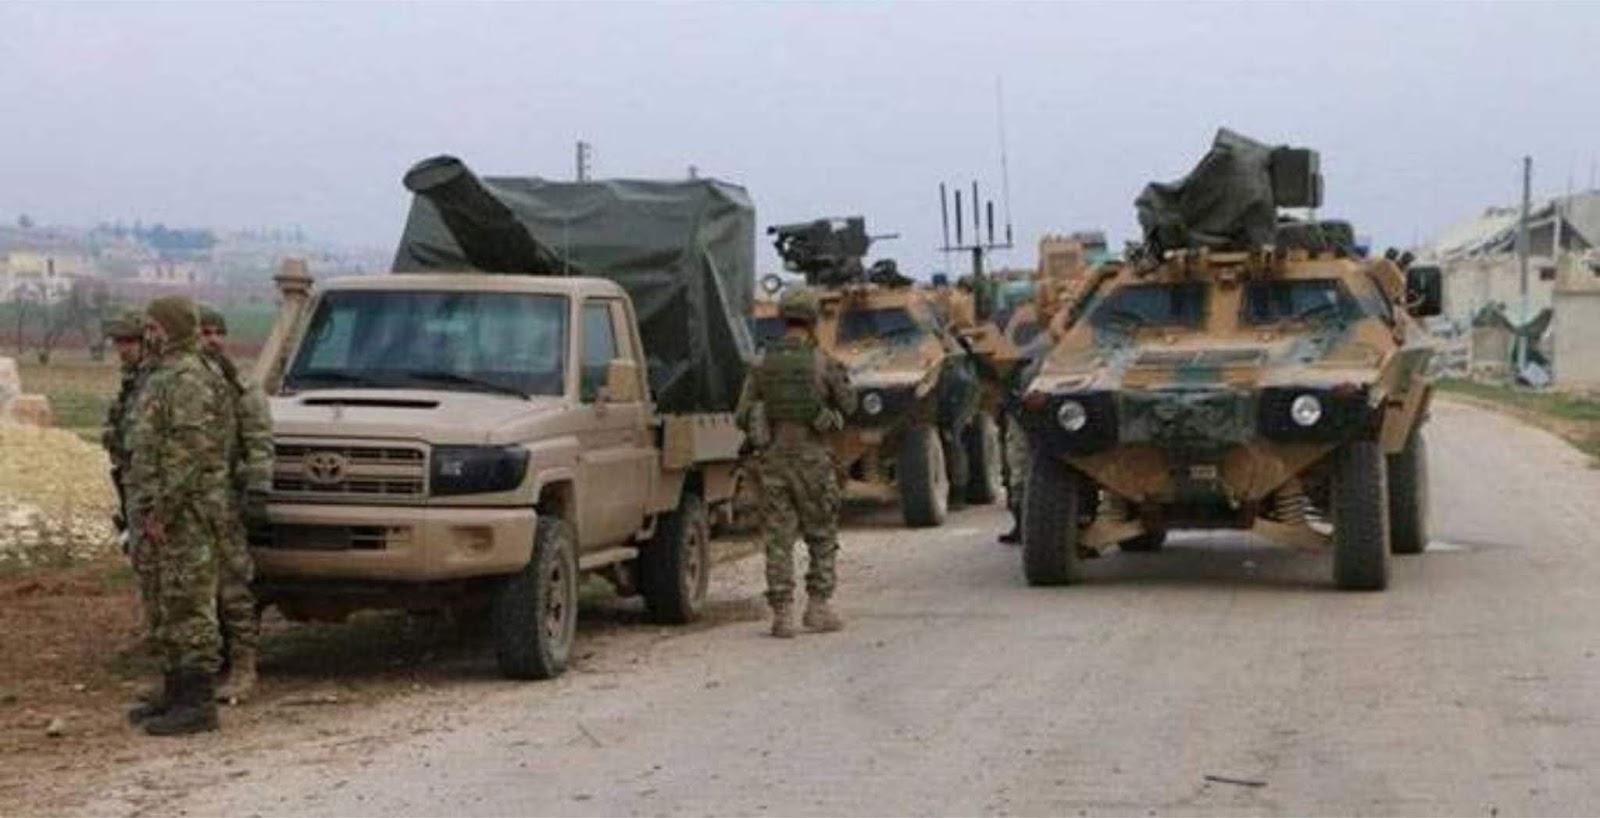 Reuters: Turki mengintensifkan pasokan senjata ke oposisi di Suriah barat laut